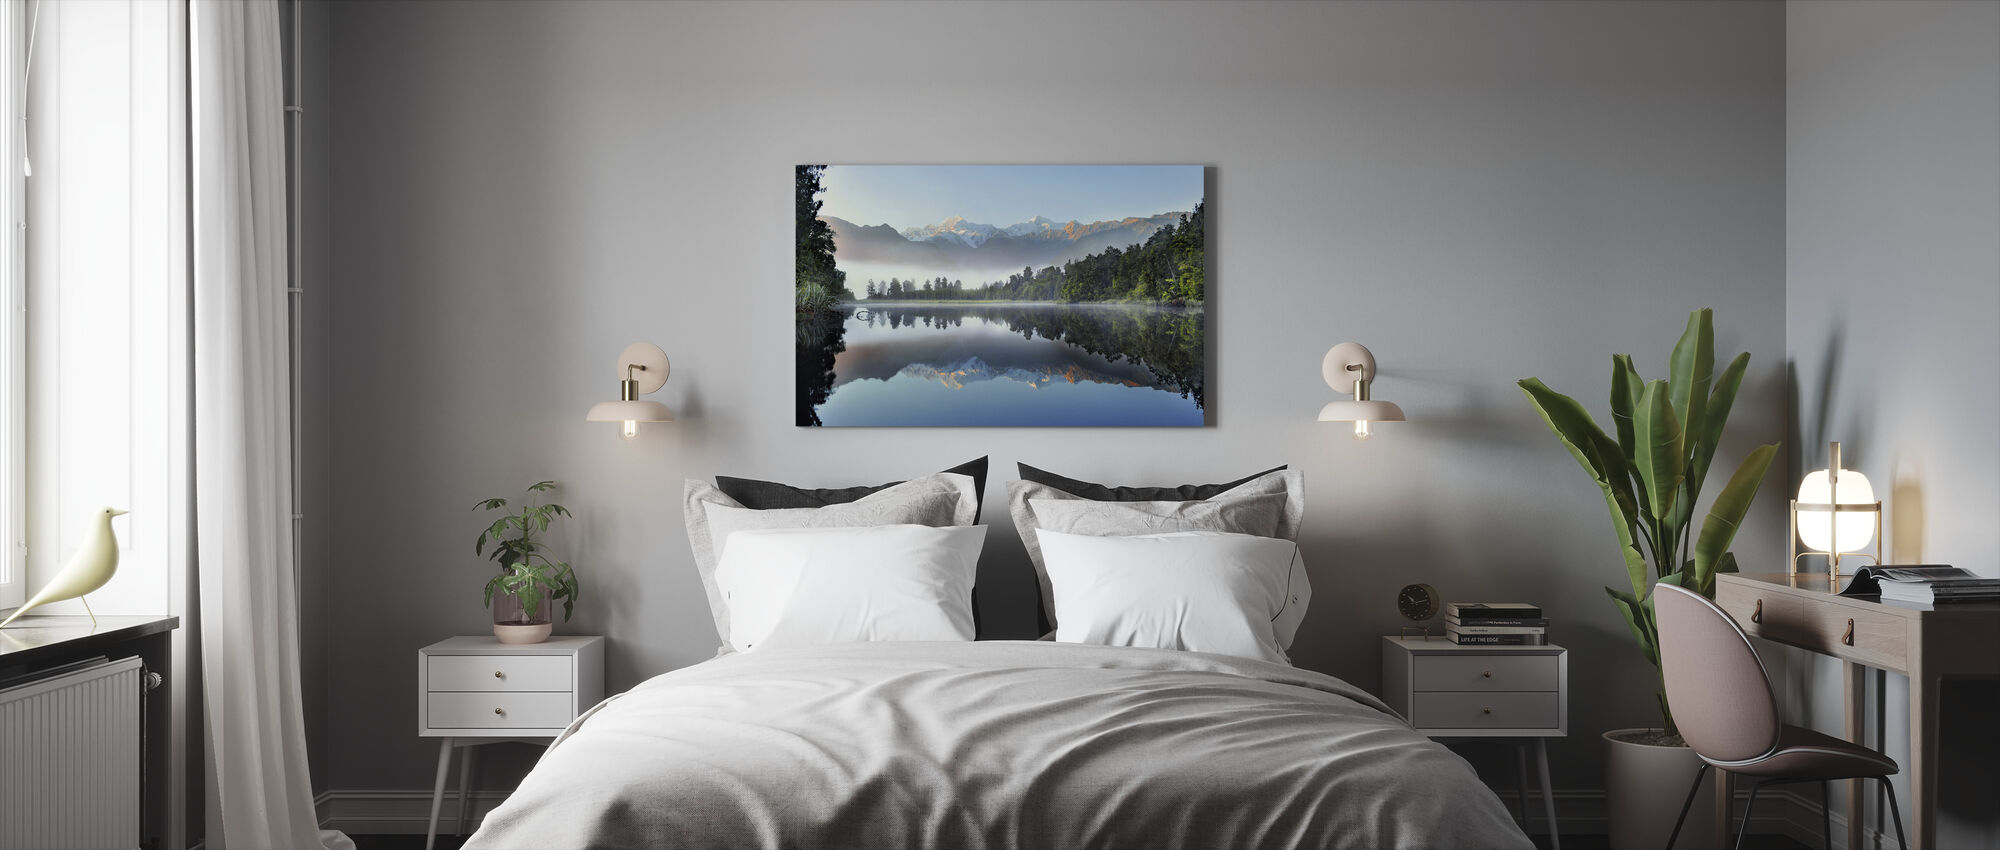 Reflexion des Lake Matheson - Leinwandbild - Schlafzimmer